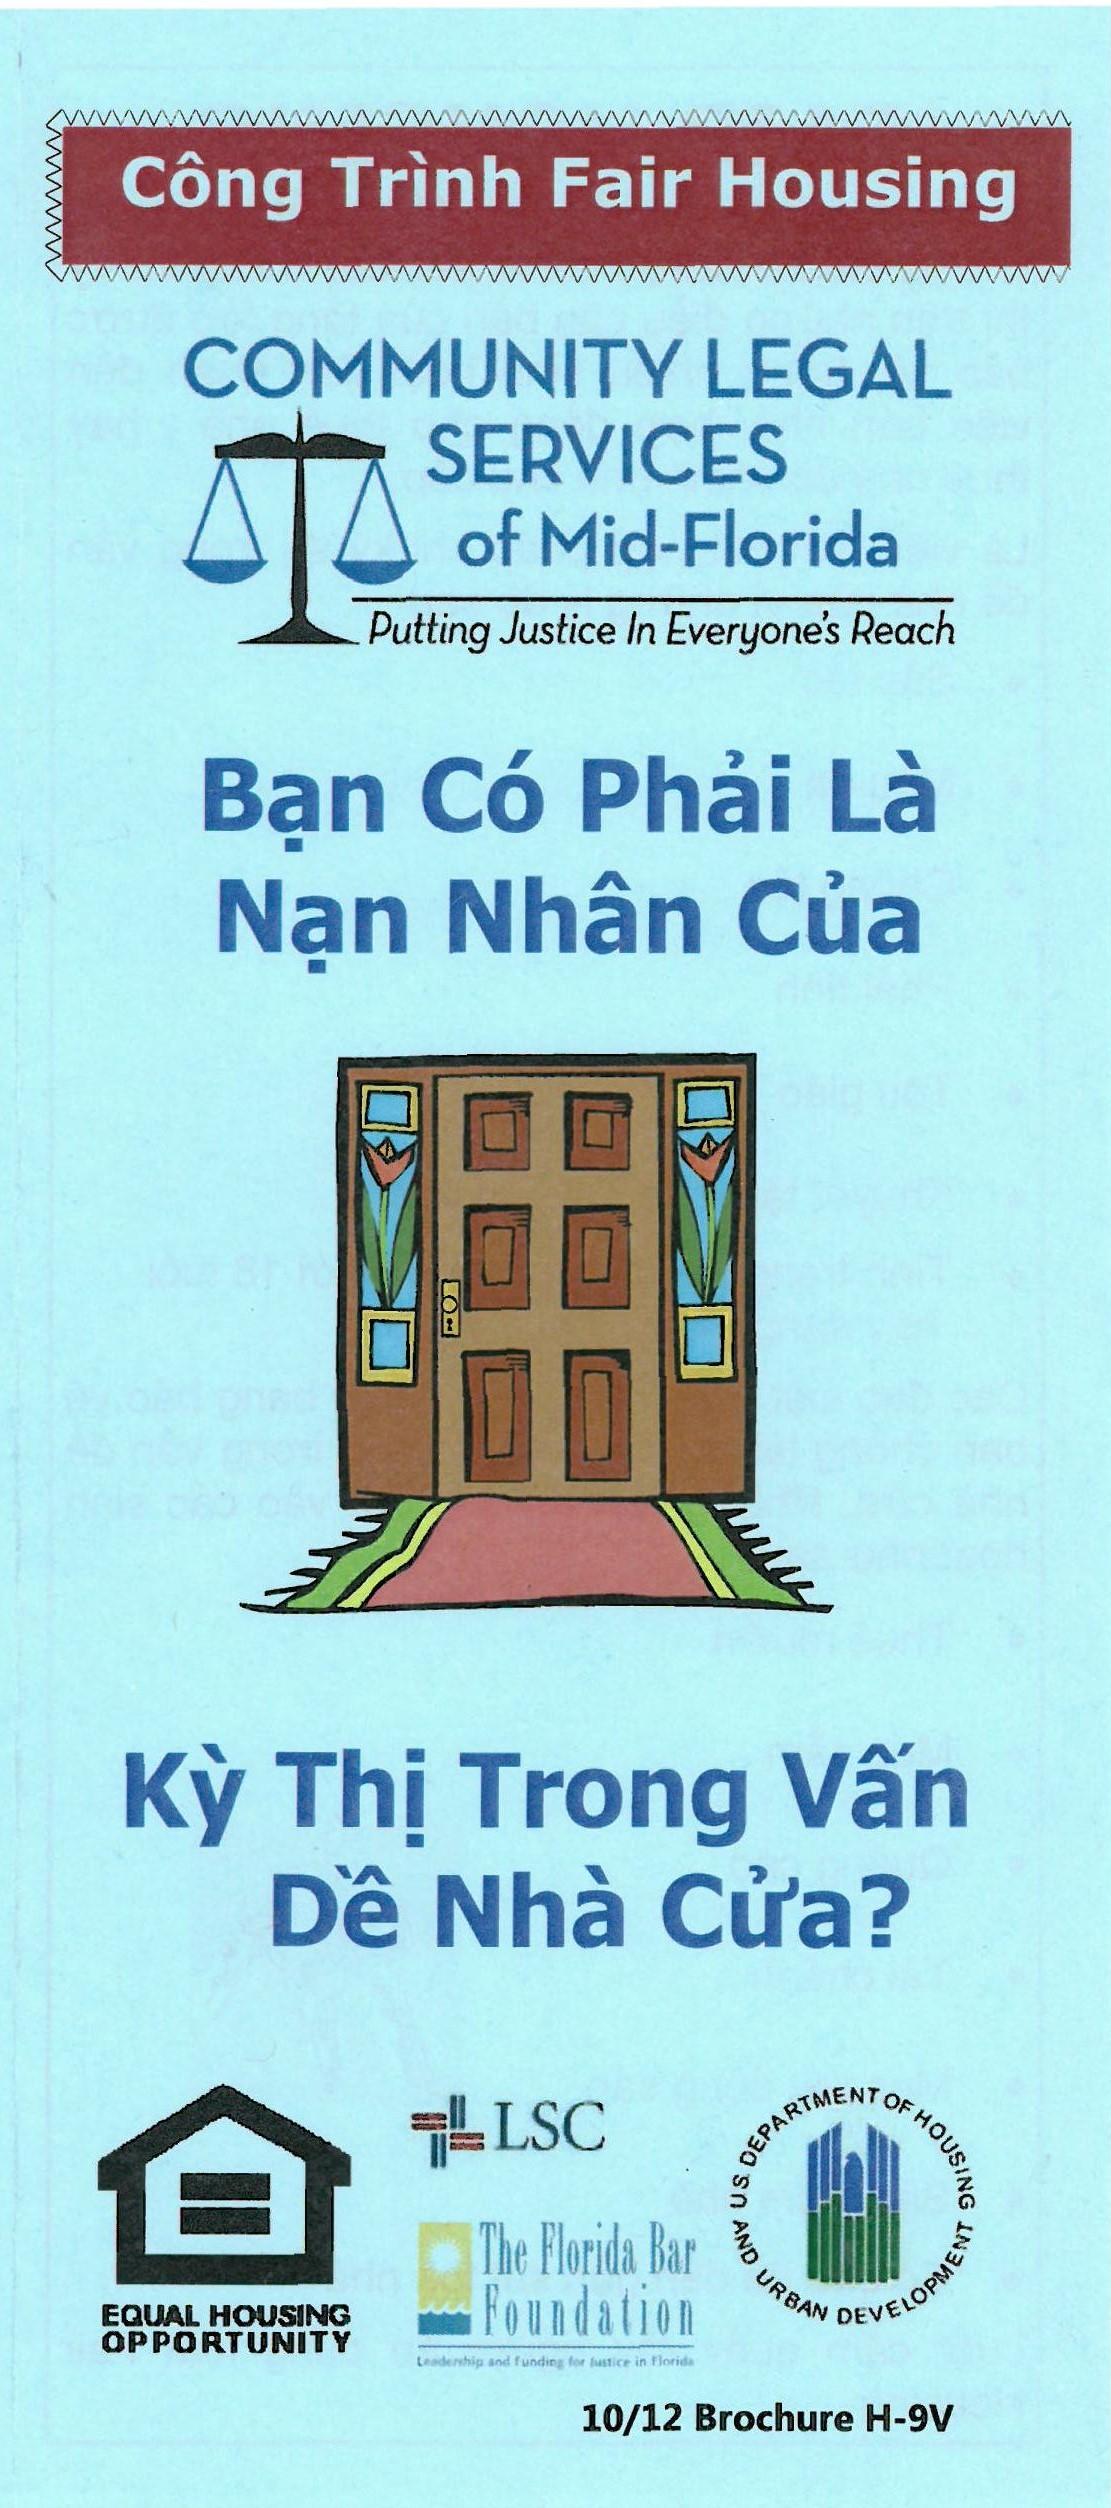 Ky Thi Trong Van De Nha Cua